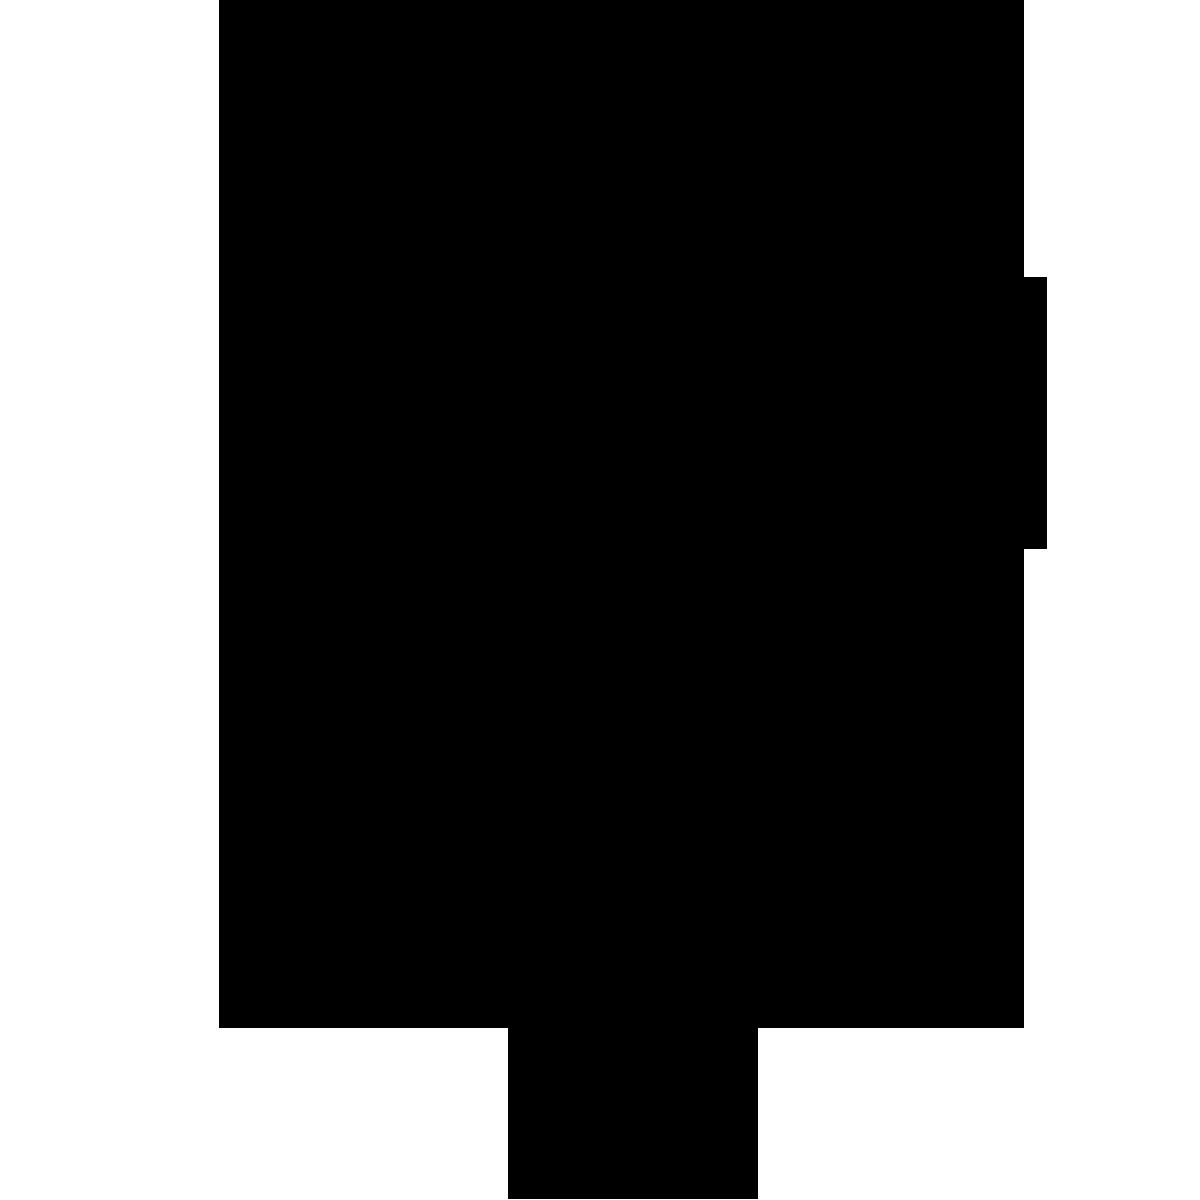 White clipart location. Icon